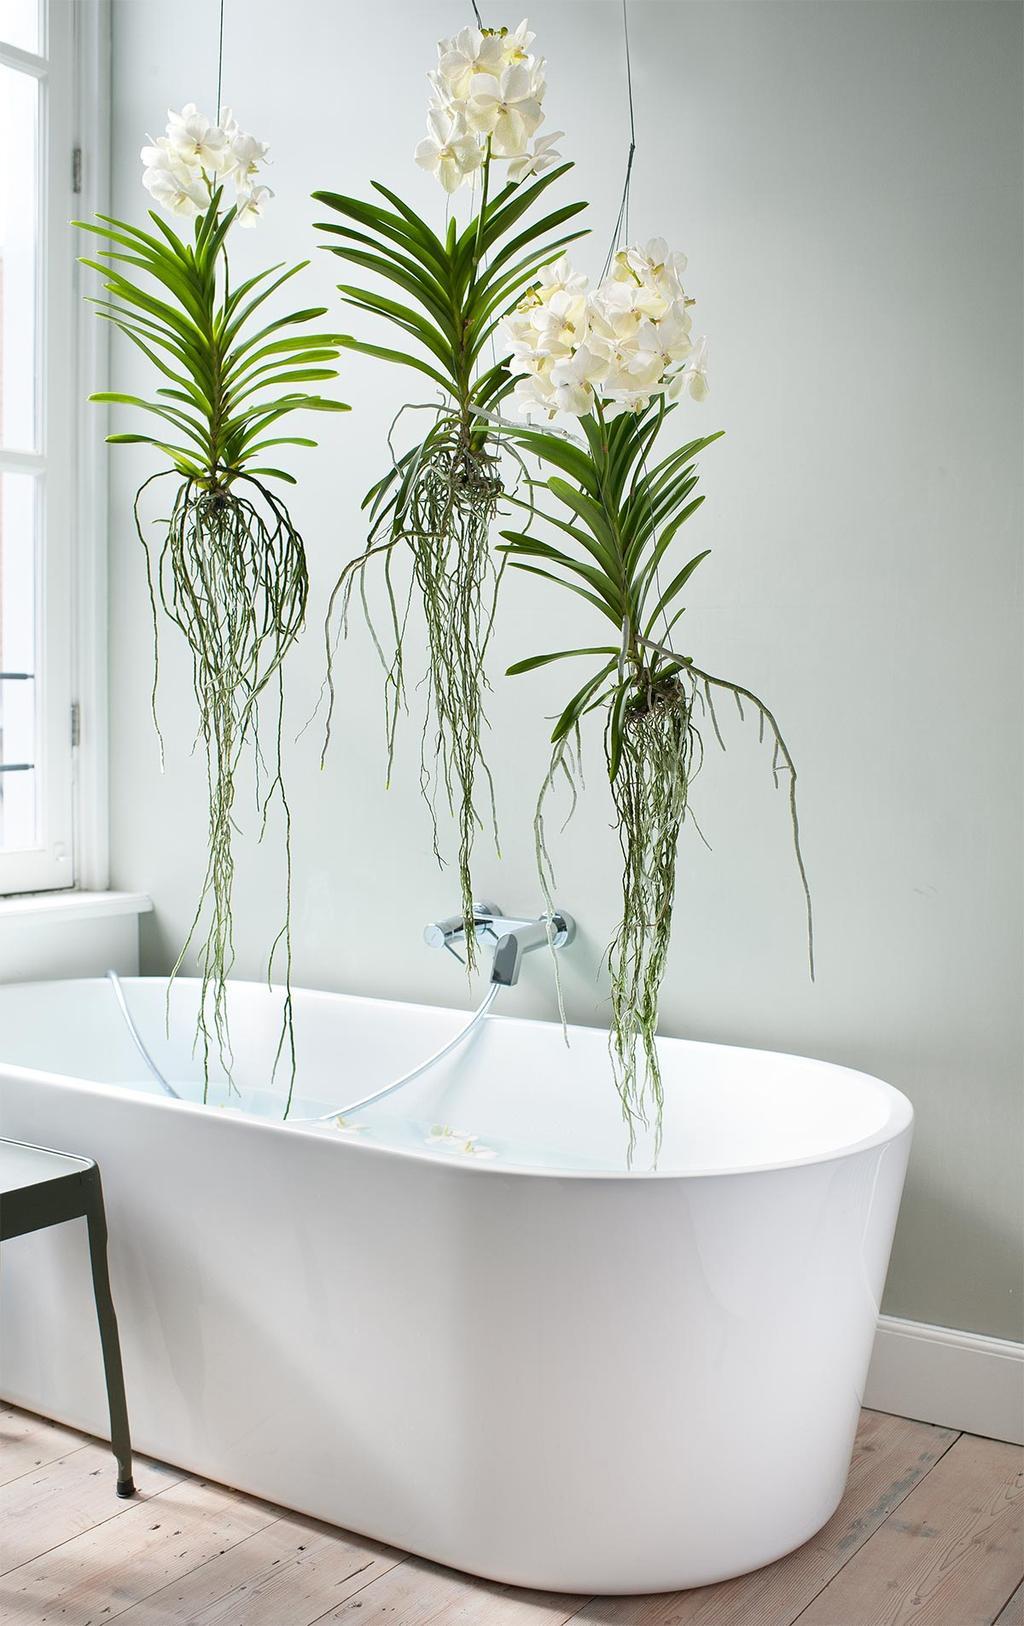 Planten Voor In De Badkamer.Top 5 Badkamerplanten Vtwonen Be